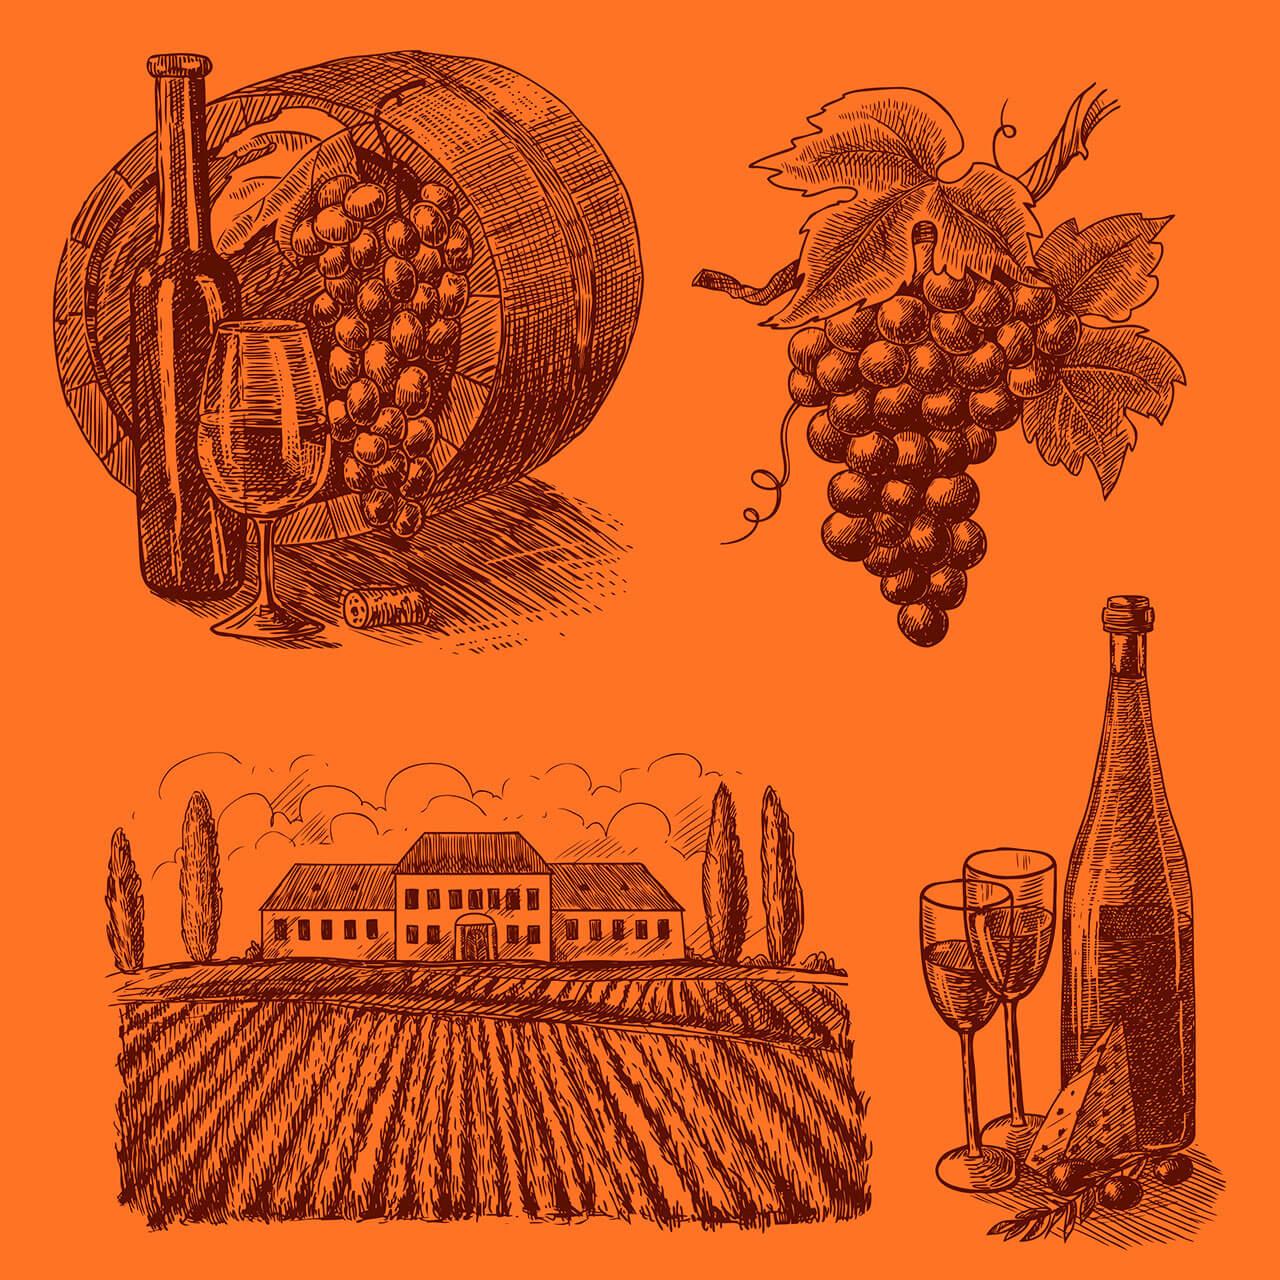 赤でもない白でもないオレンジワインの世界